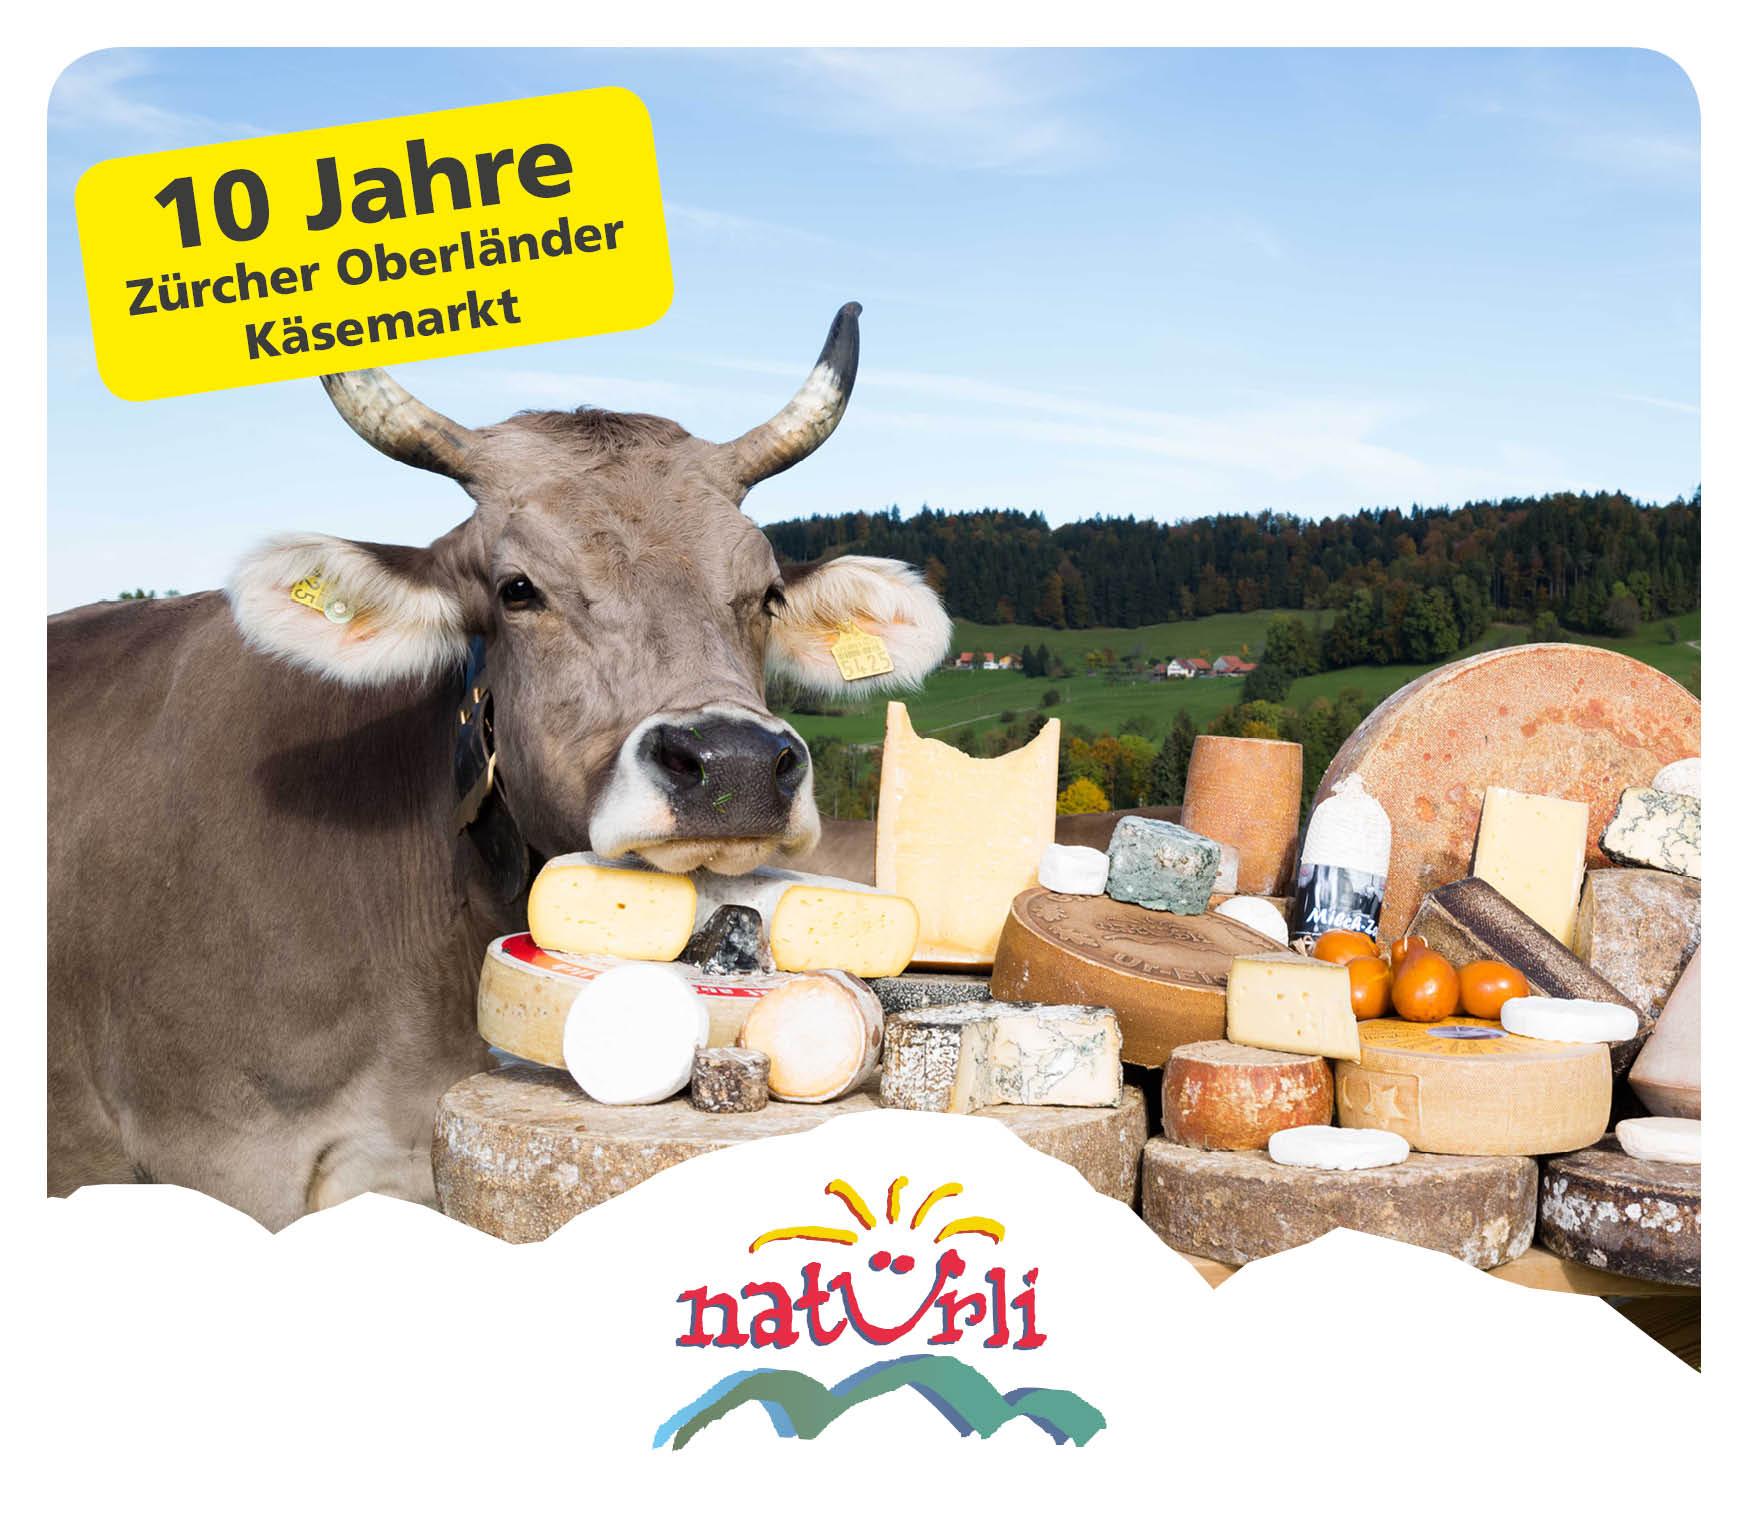 10. Zürcher Oberländer Käsemarkt 1. Mai 2019